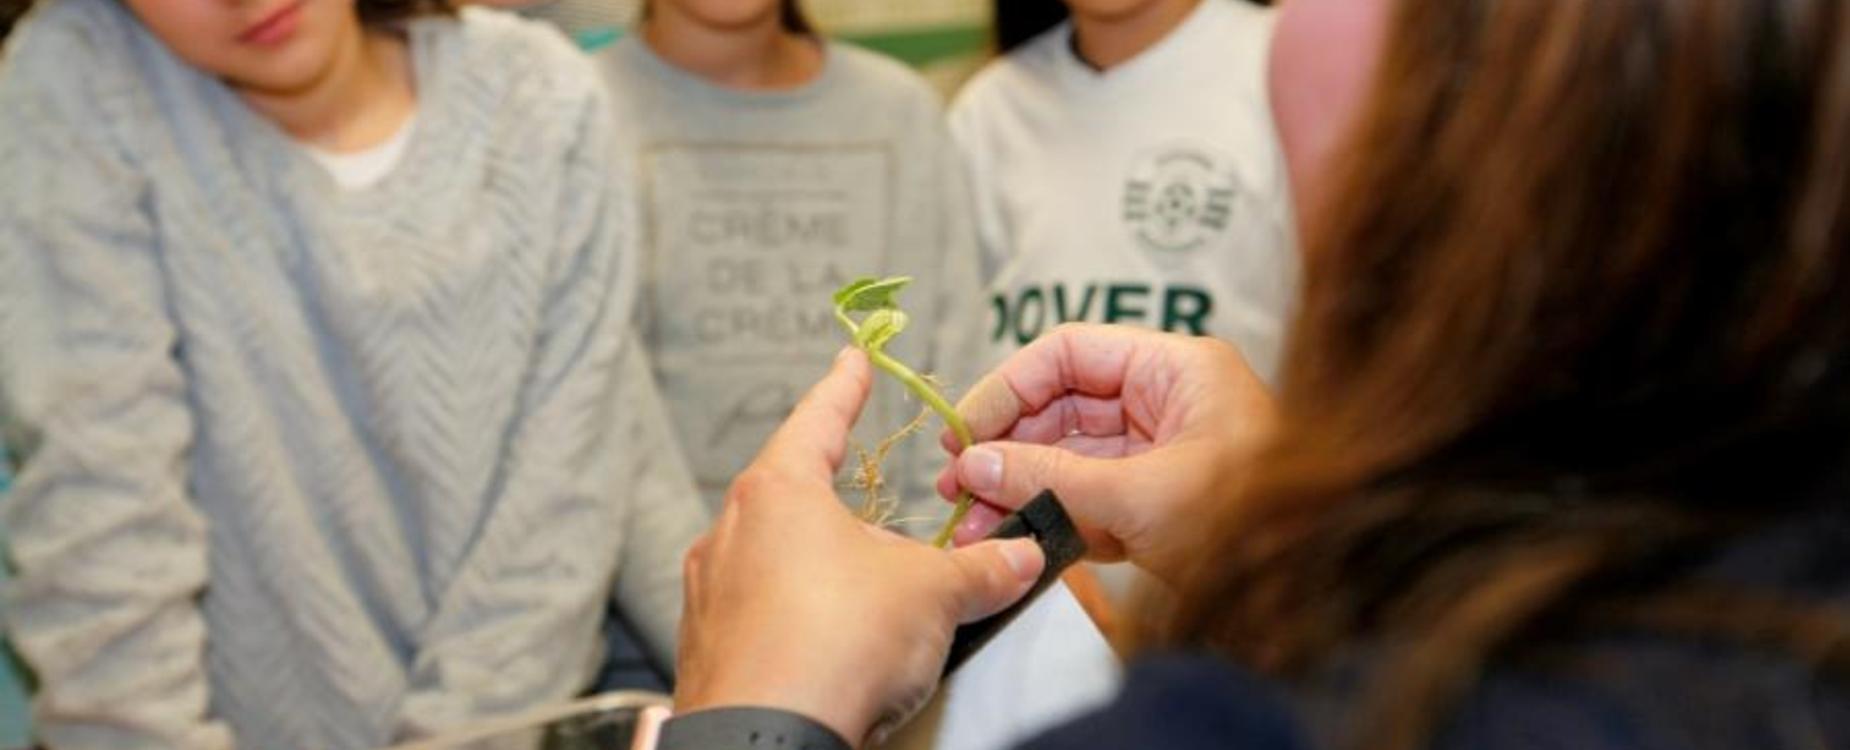 Teacher showing a plant